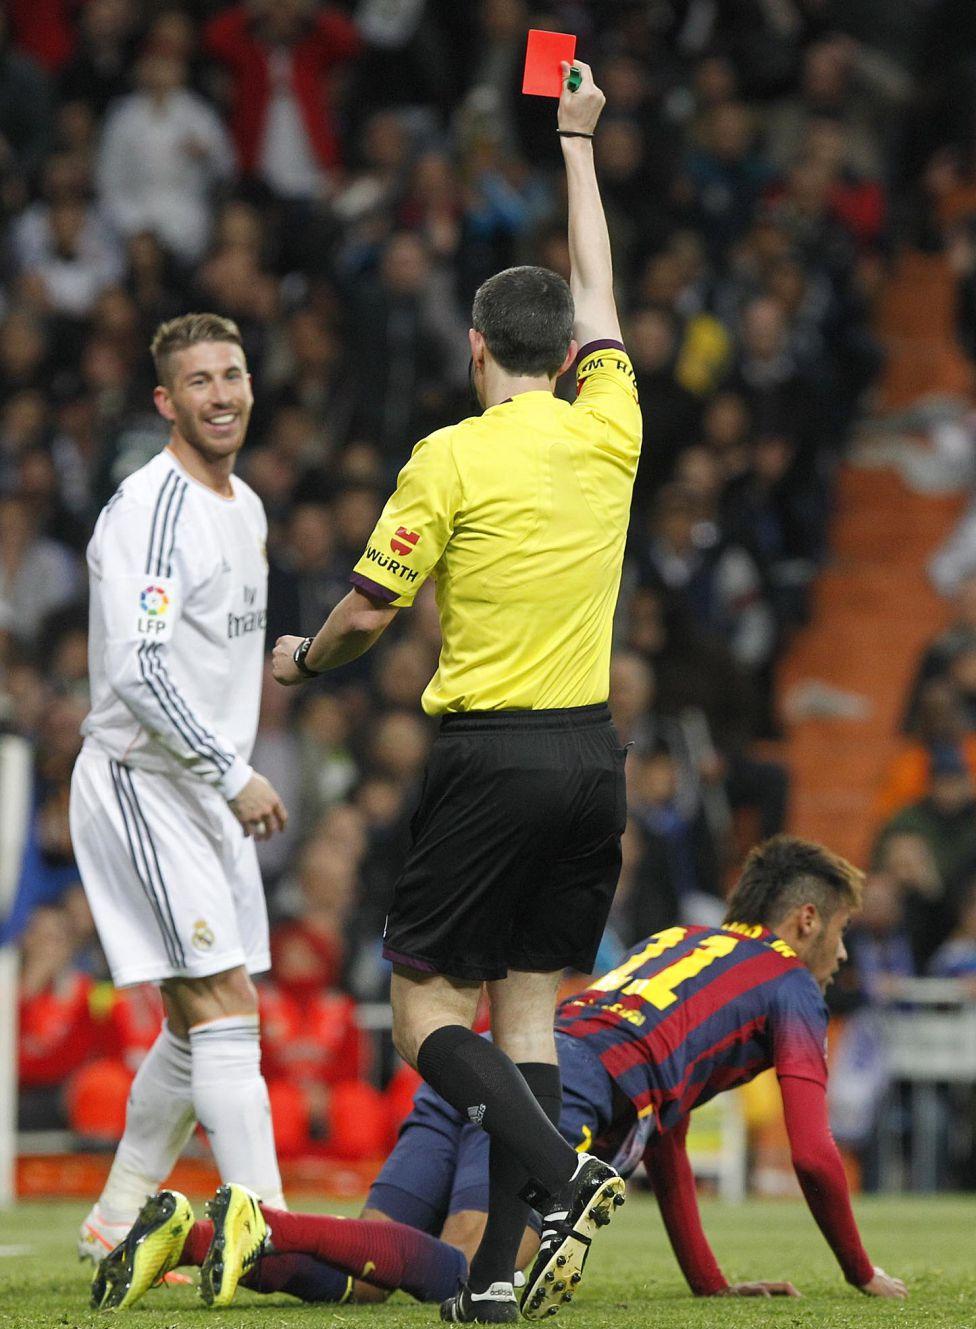 http://futbol.as.com/futbol/imagenes/2014/03/19/album/1395251580_752430_1395612662_album_grande.jpg